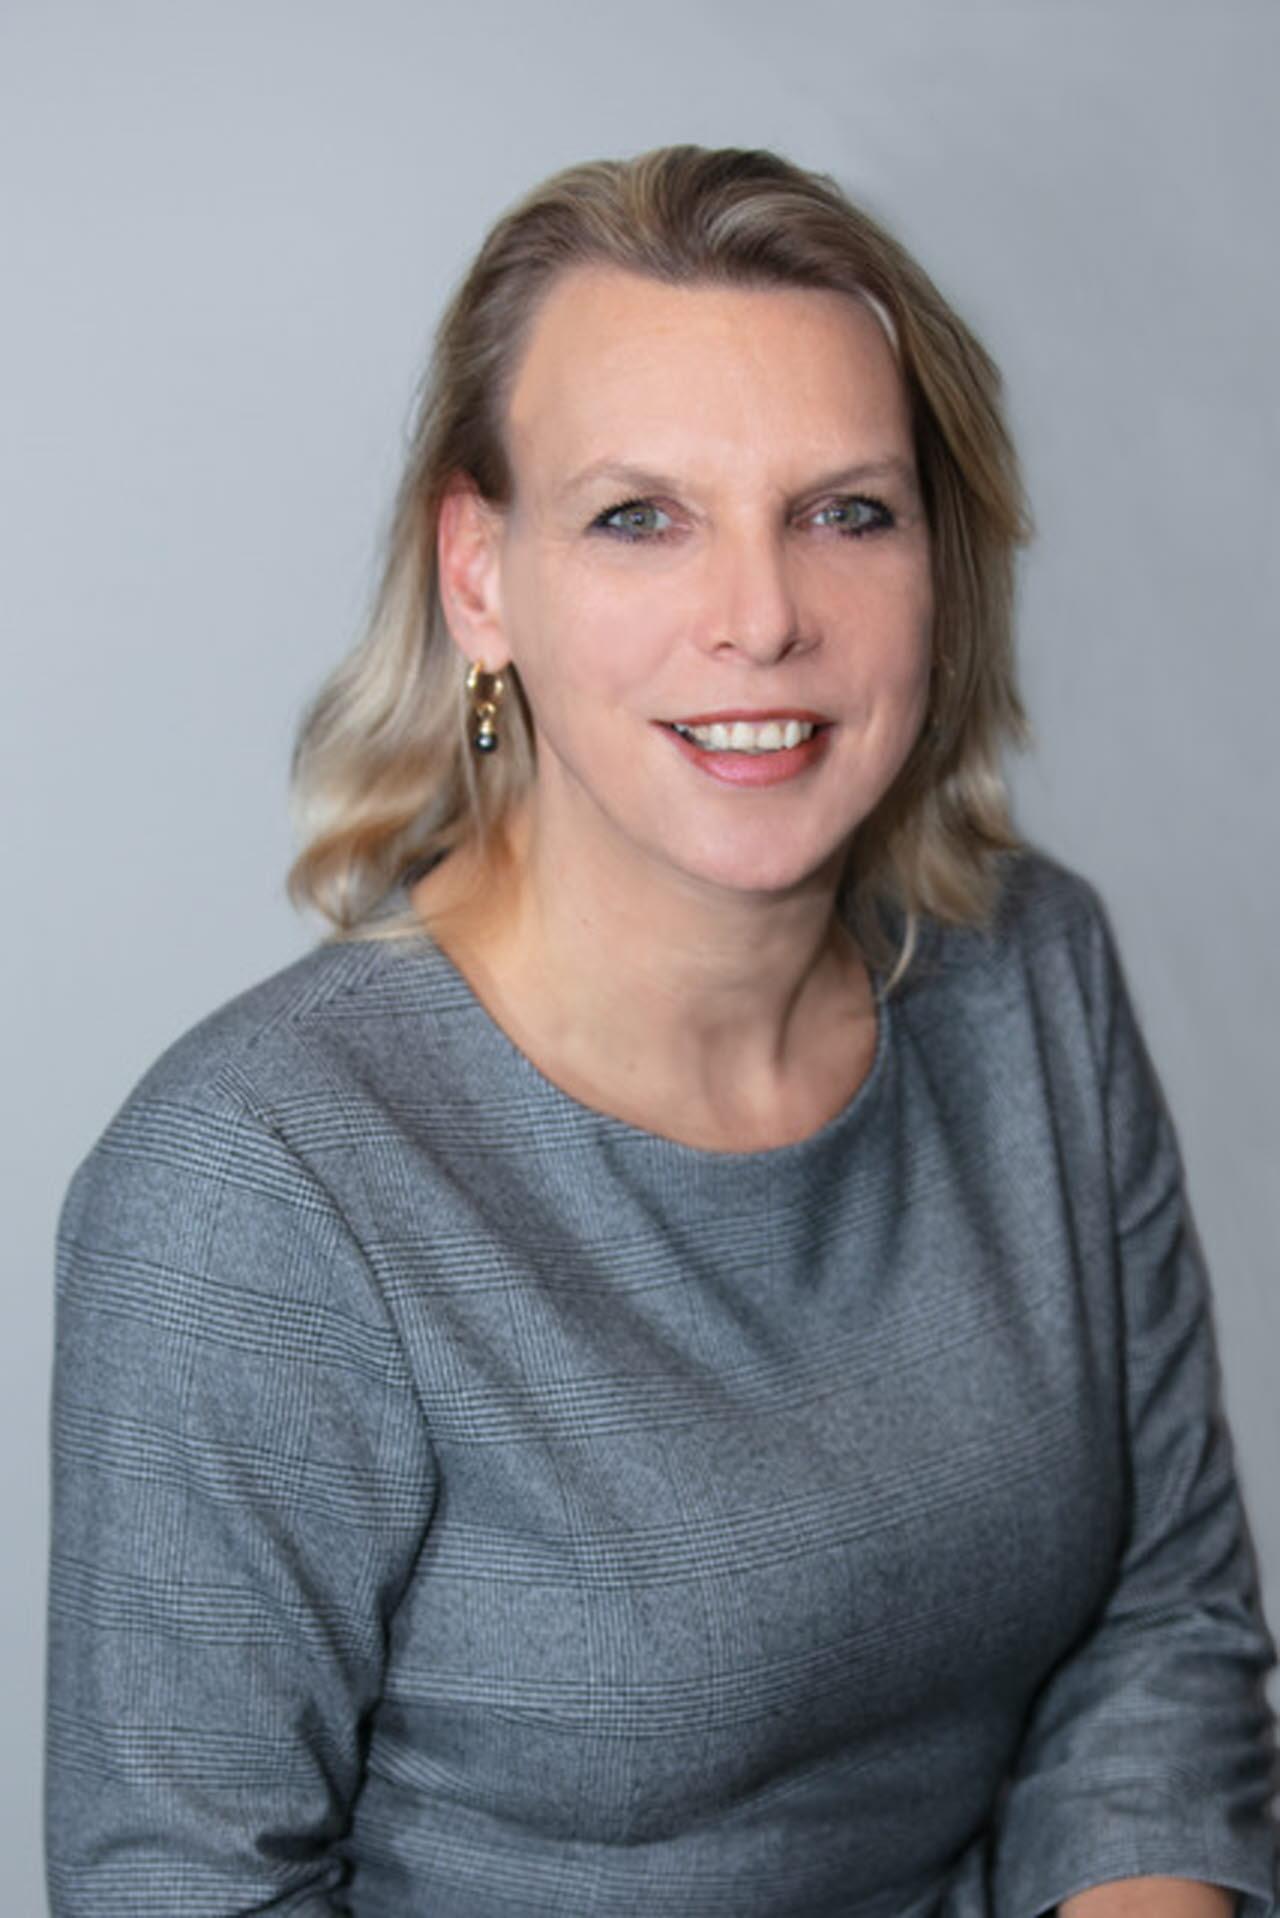 Liselot Dalenoord